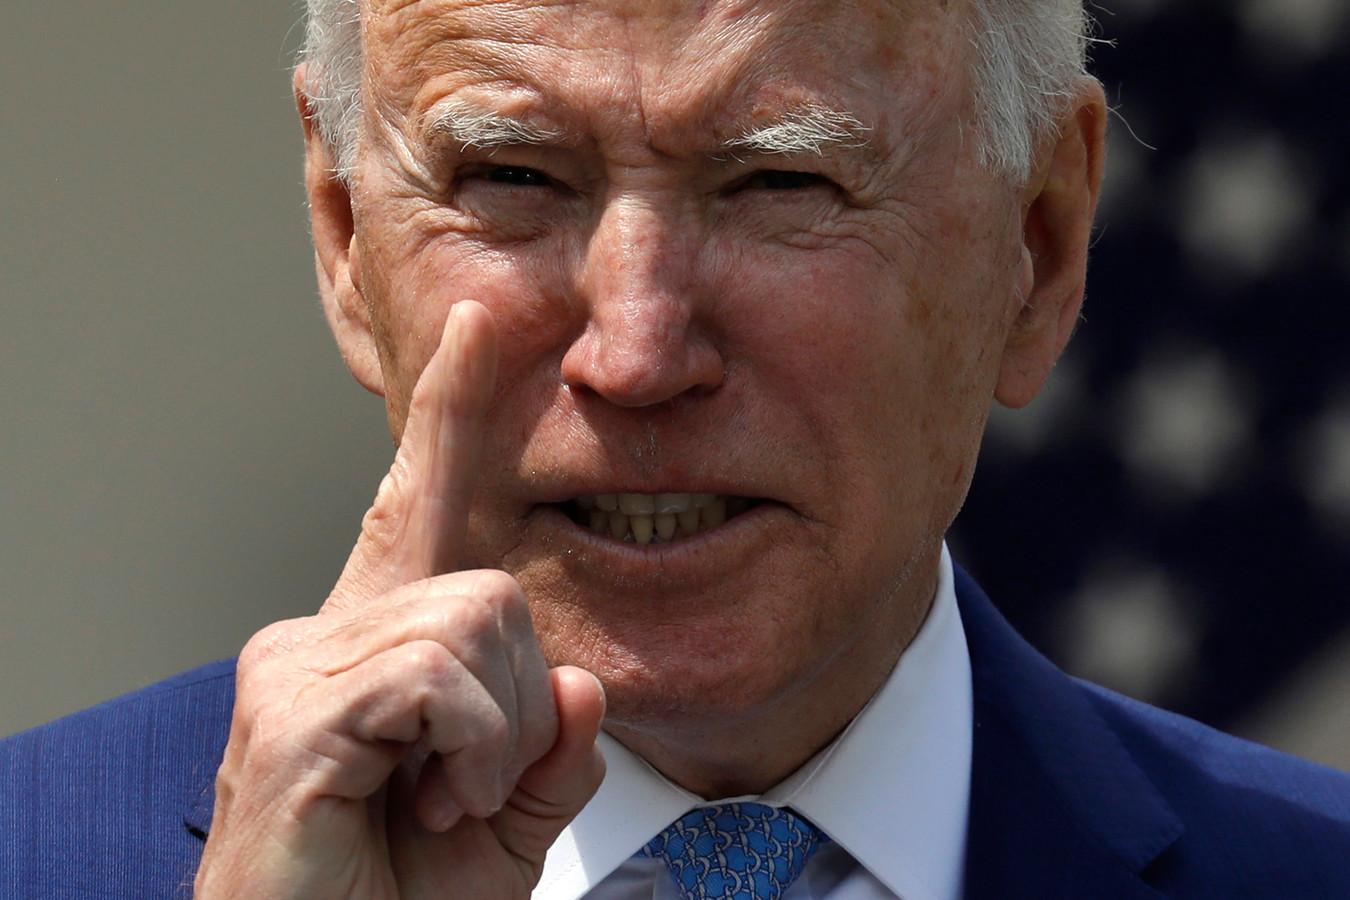 President Joe Biden onderneemt actie tegen wapengeweld - maar is het genoeg?